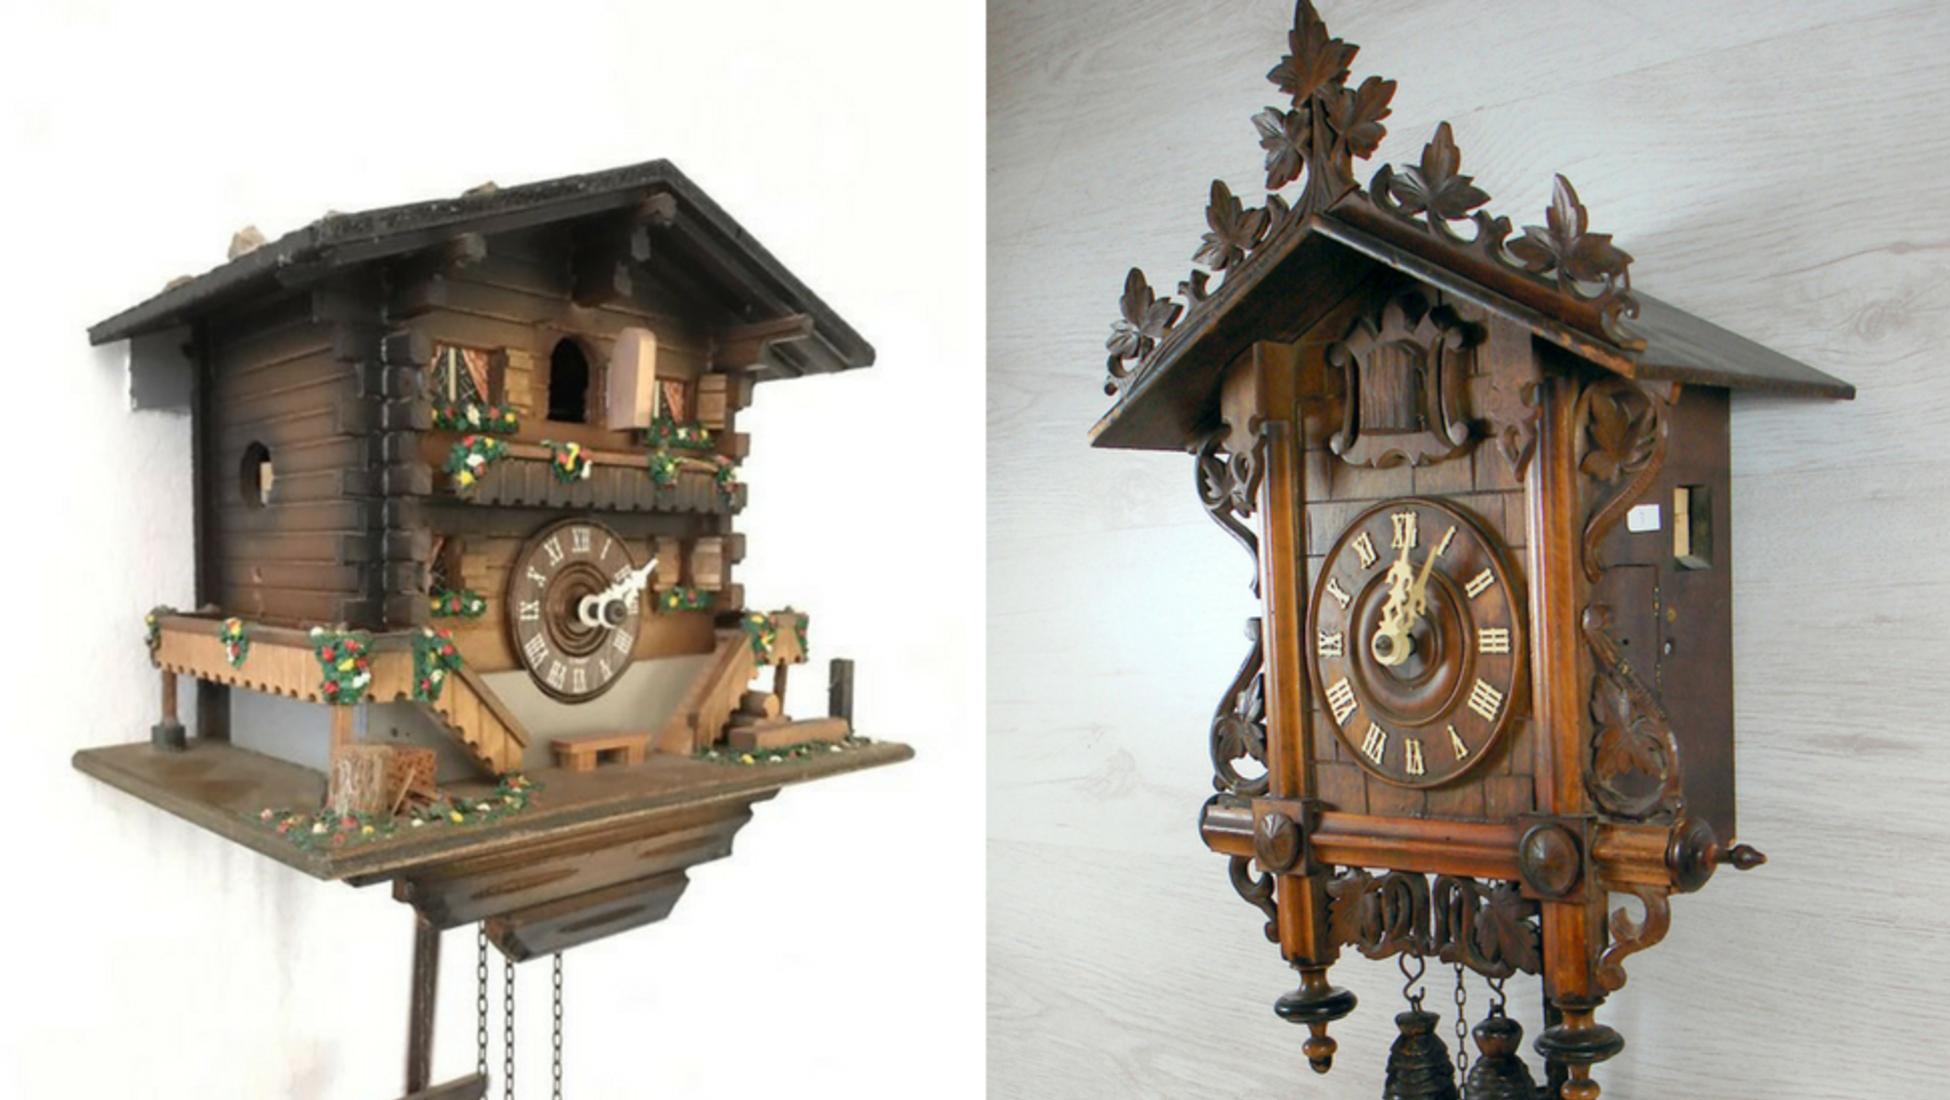 c2aae1c8158 Esquerda  Relógio de cuco estilo chalet suíço de início do século XX.  Direita  Relógio de cuco estilo estação ferroviária da Alemanha Ocidental  de início do ...